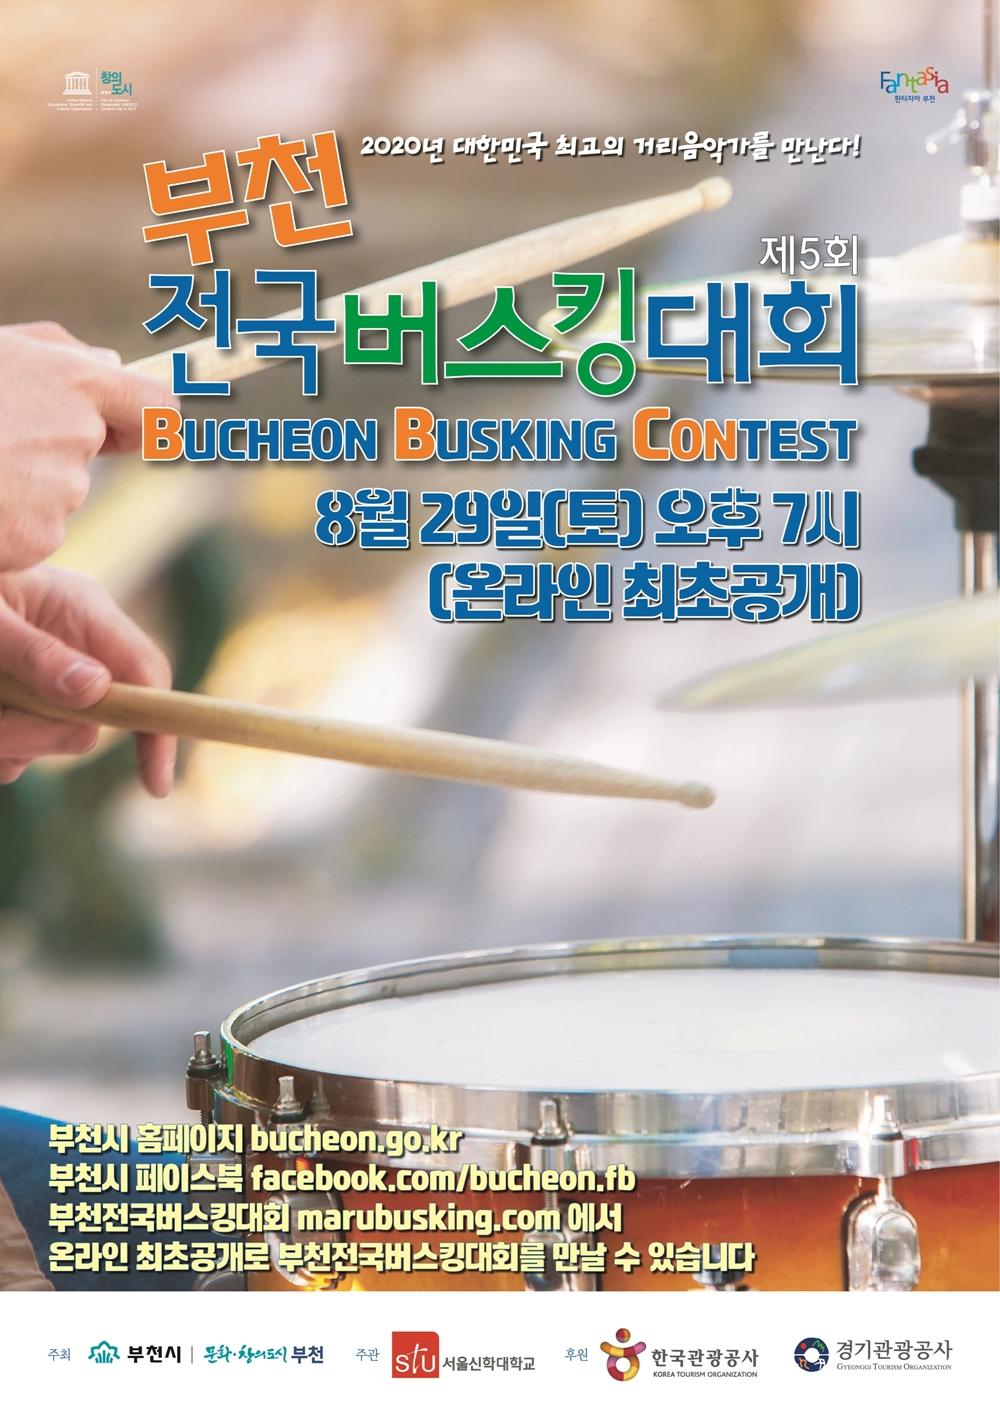 ▲ 온라인 부천전국버스킹대회 안내문